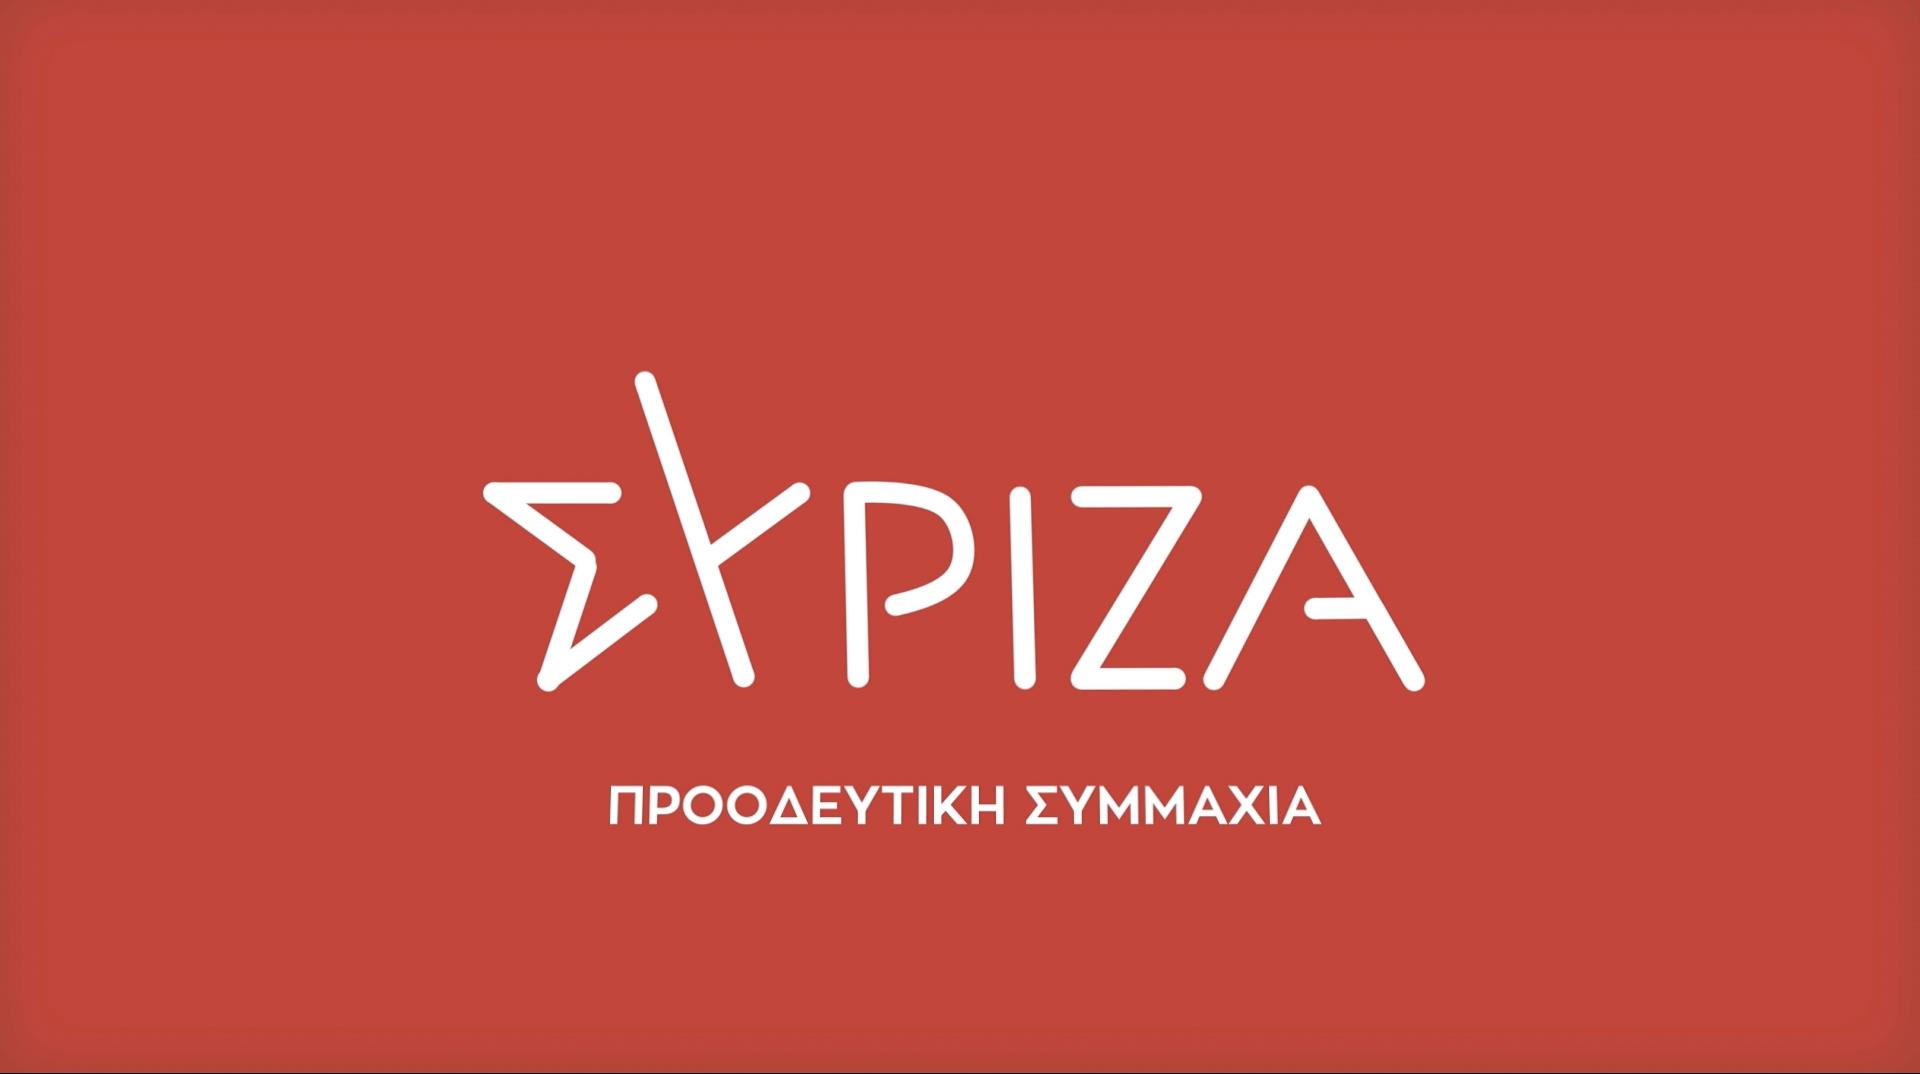 ΣΥΡΙΖΑ: Συνωστισμός δεκάδων ανθρώπων στην επίσκεψη Μητσοτάκη στην Ικαρία